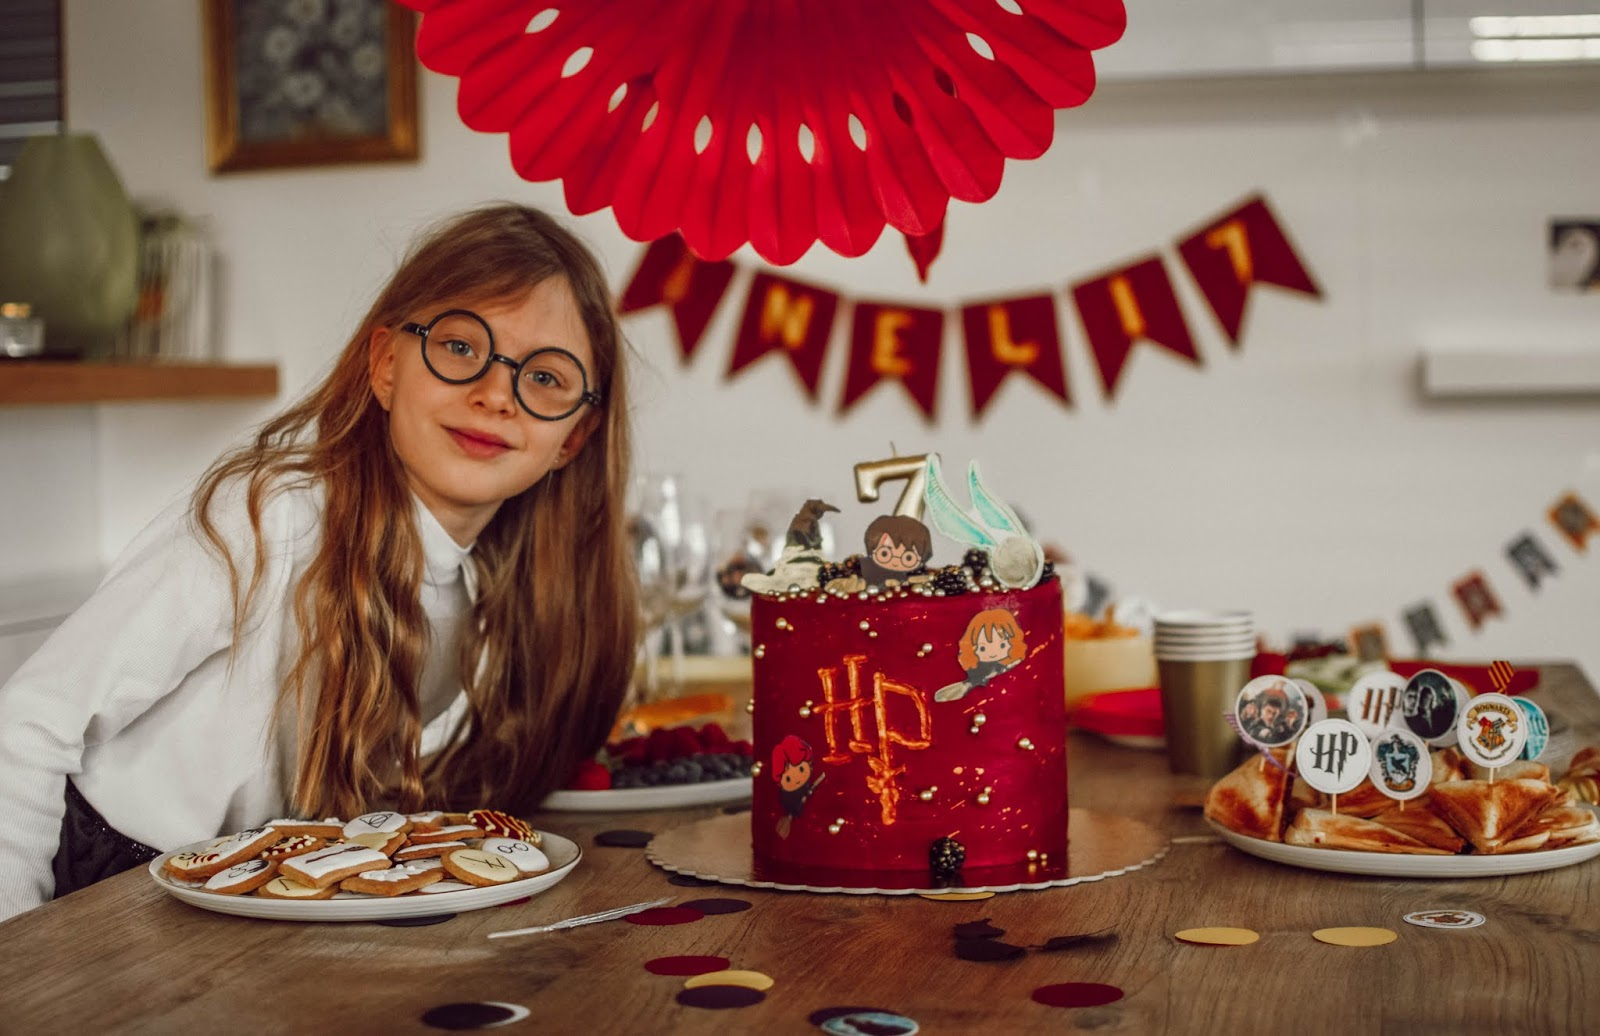 Narozeniny // Nelinčina oslava ve stylu Harryho Pottera